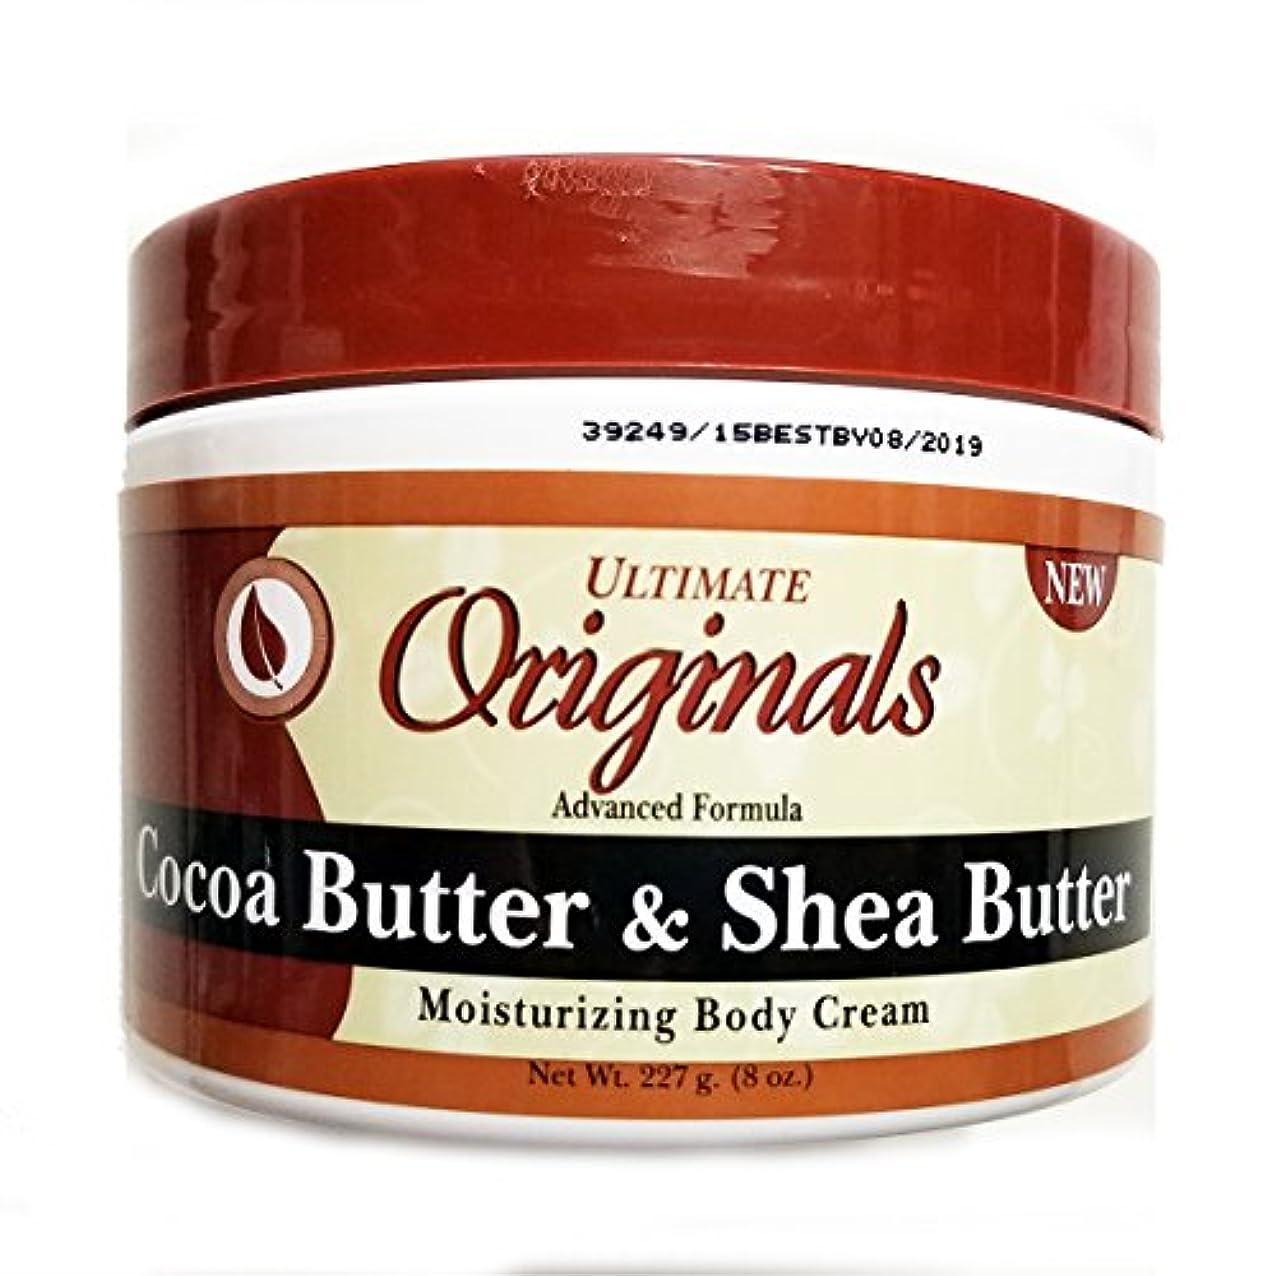 壁紙そうシンボルUltimate Organics Cocoa Butter & Shea Butter Body Cream 235 ml (並行輸入品)